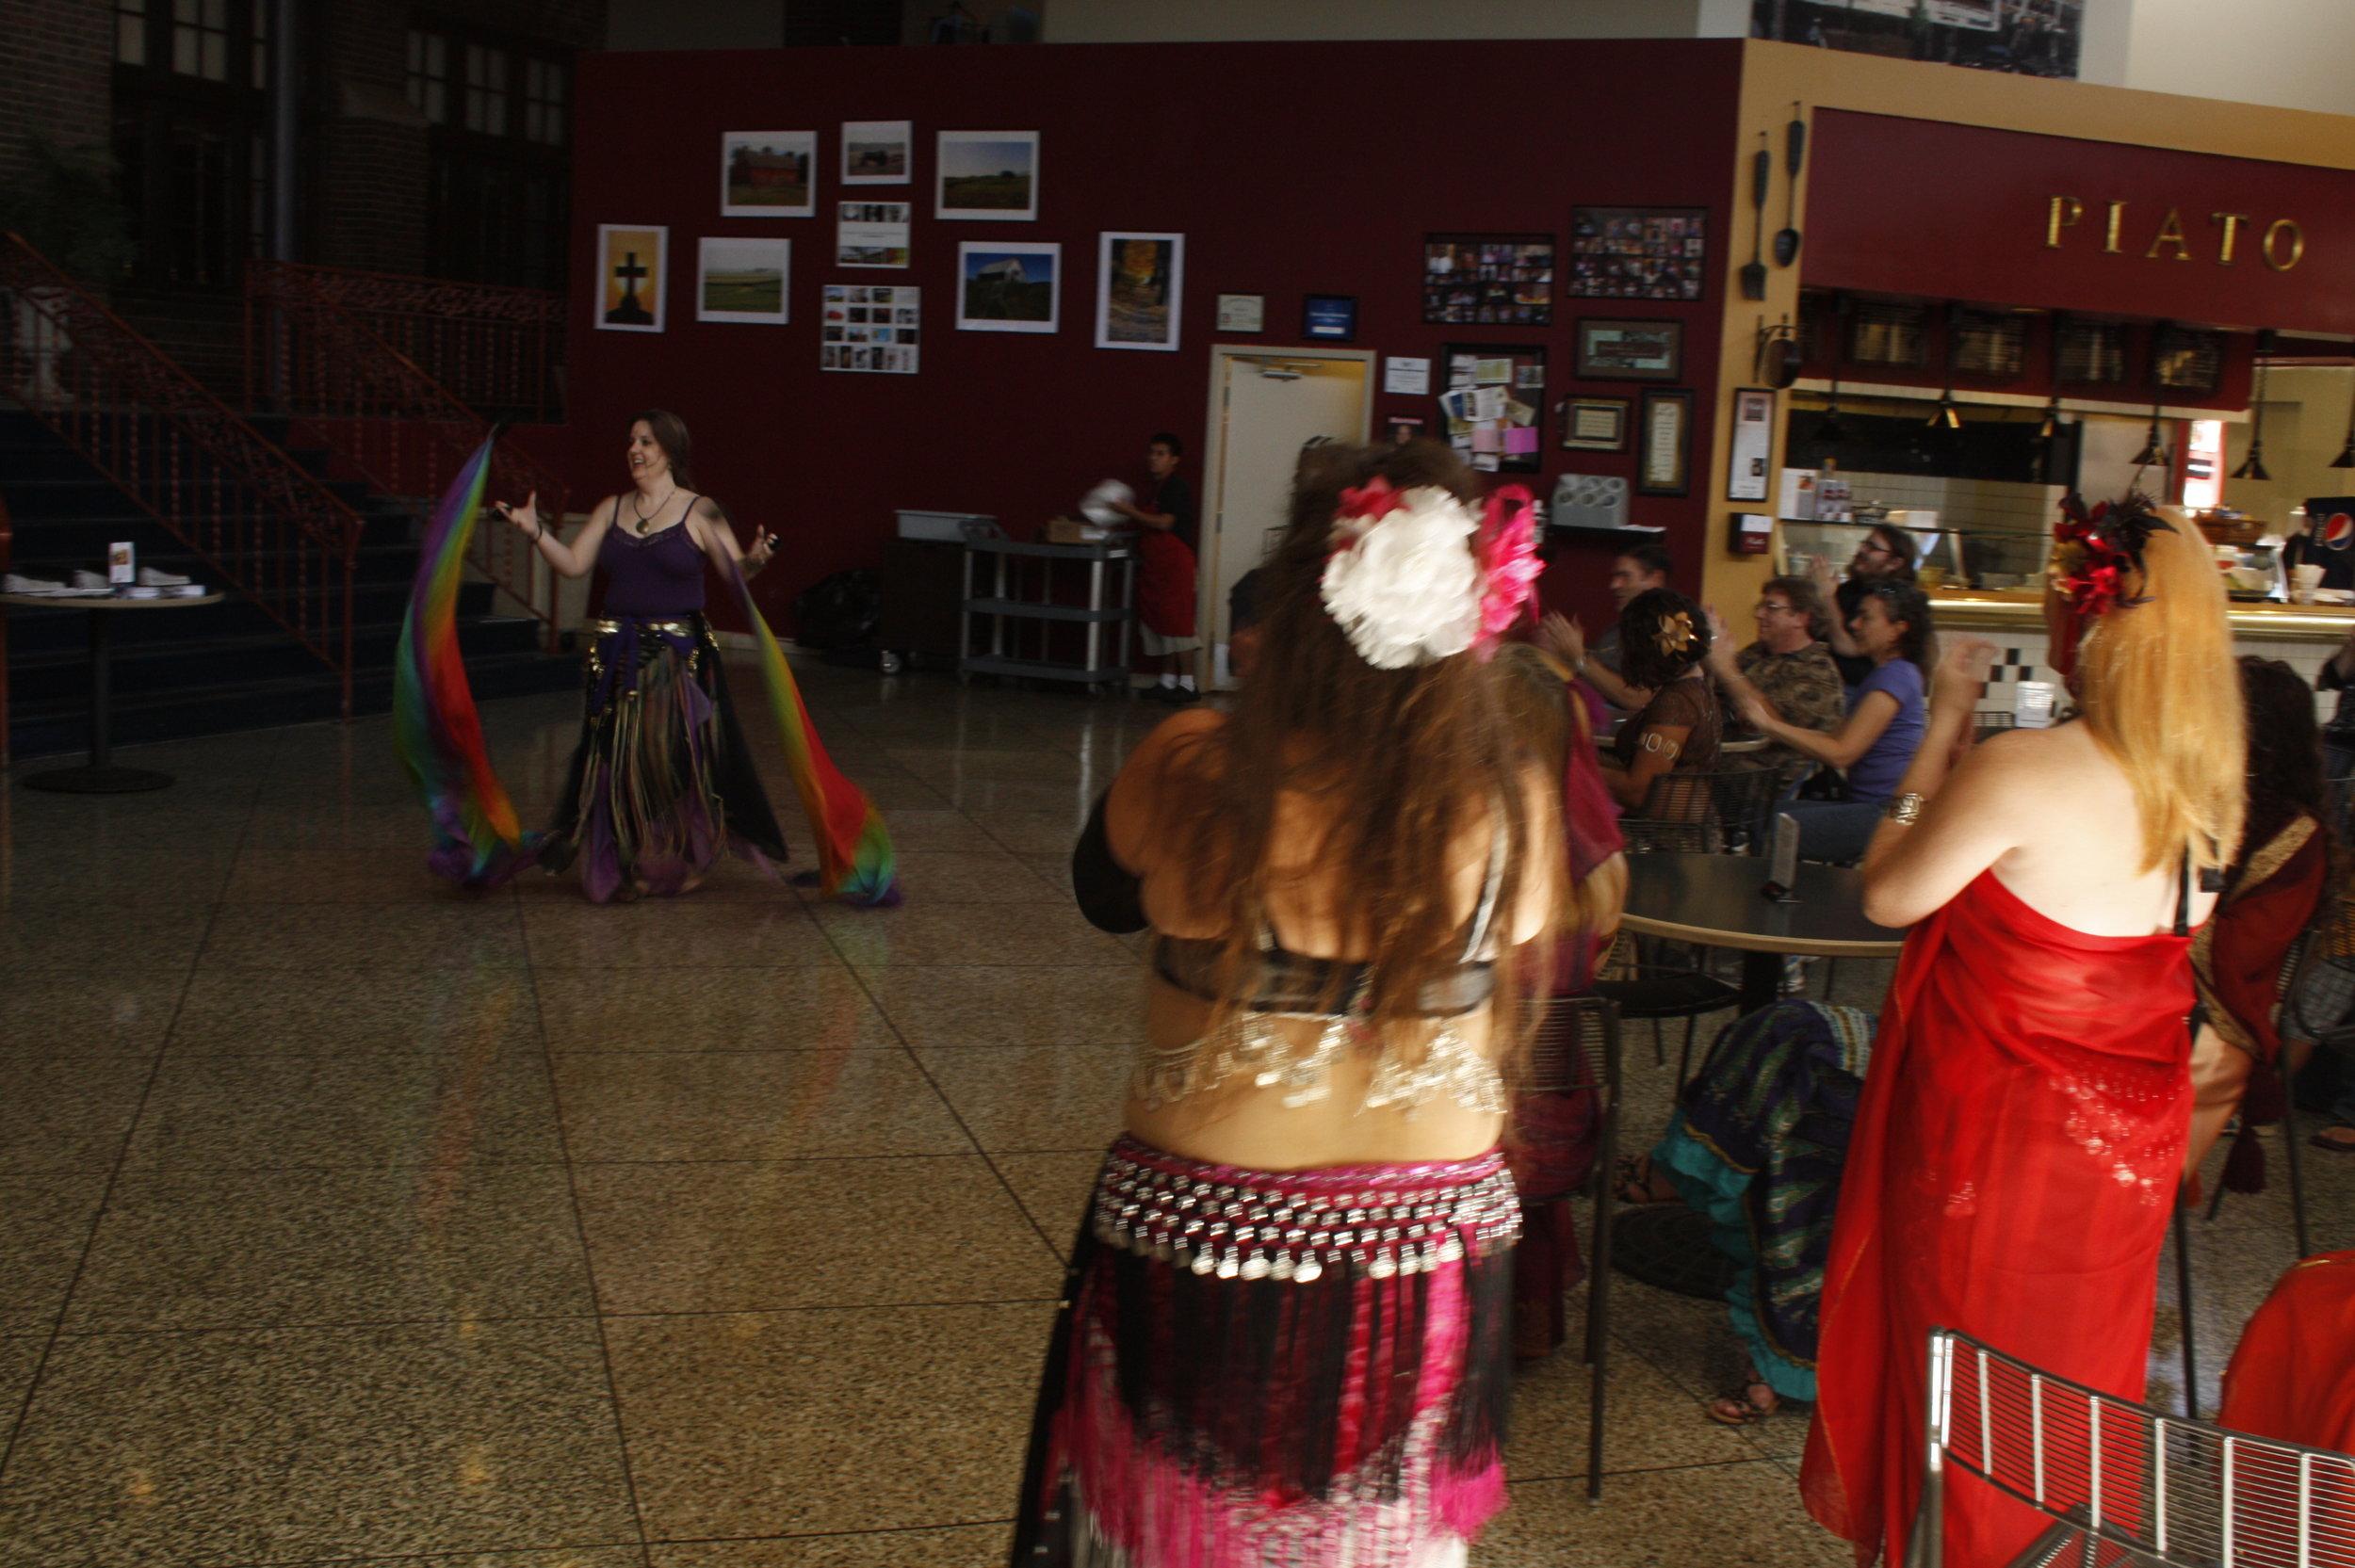 pridefest201220120908_0012.JPG